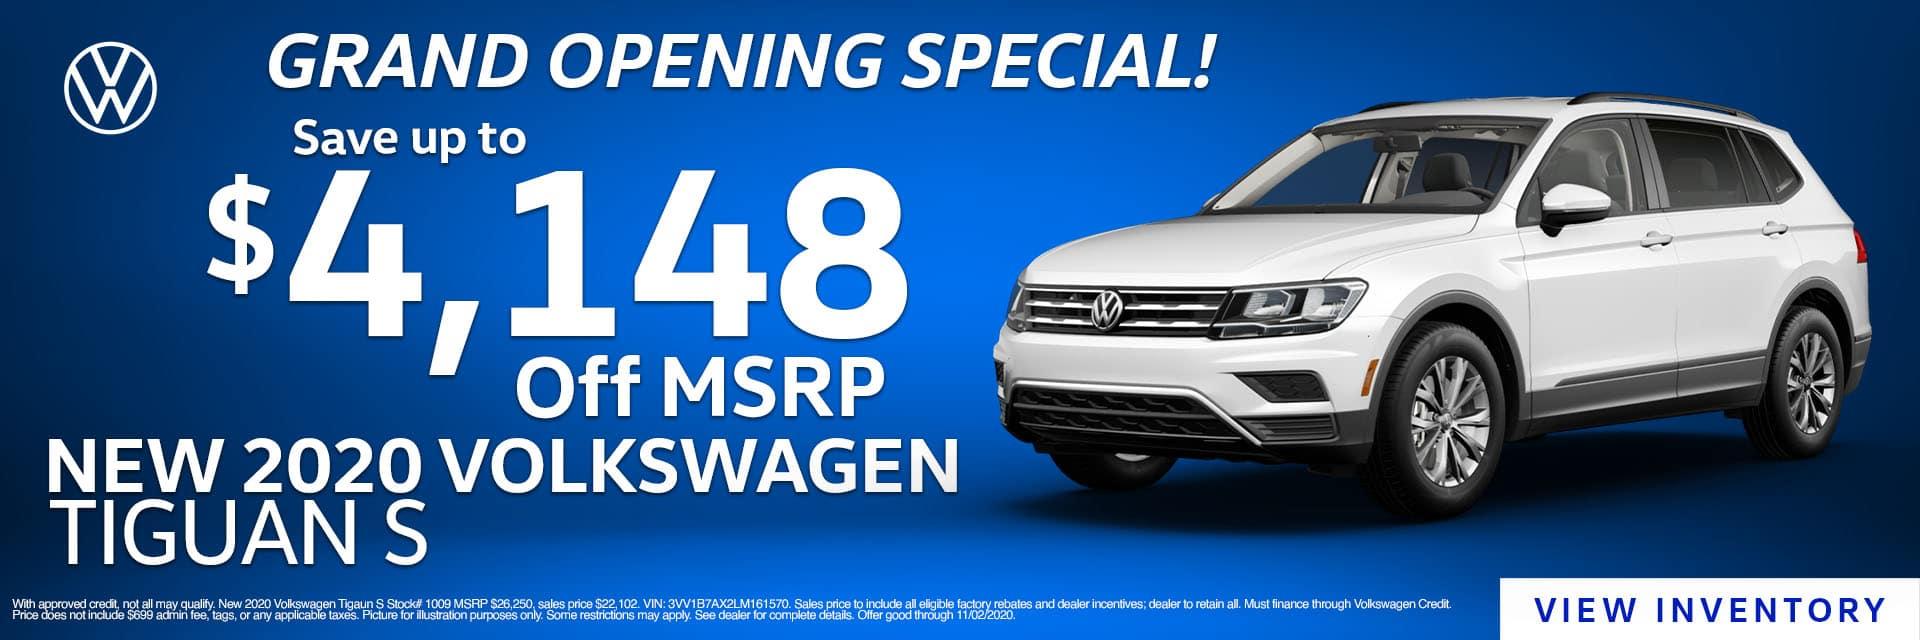 CVWG-October 20202020 Volkswagen Tiguan Inspire Slider UPDATED